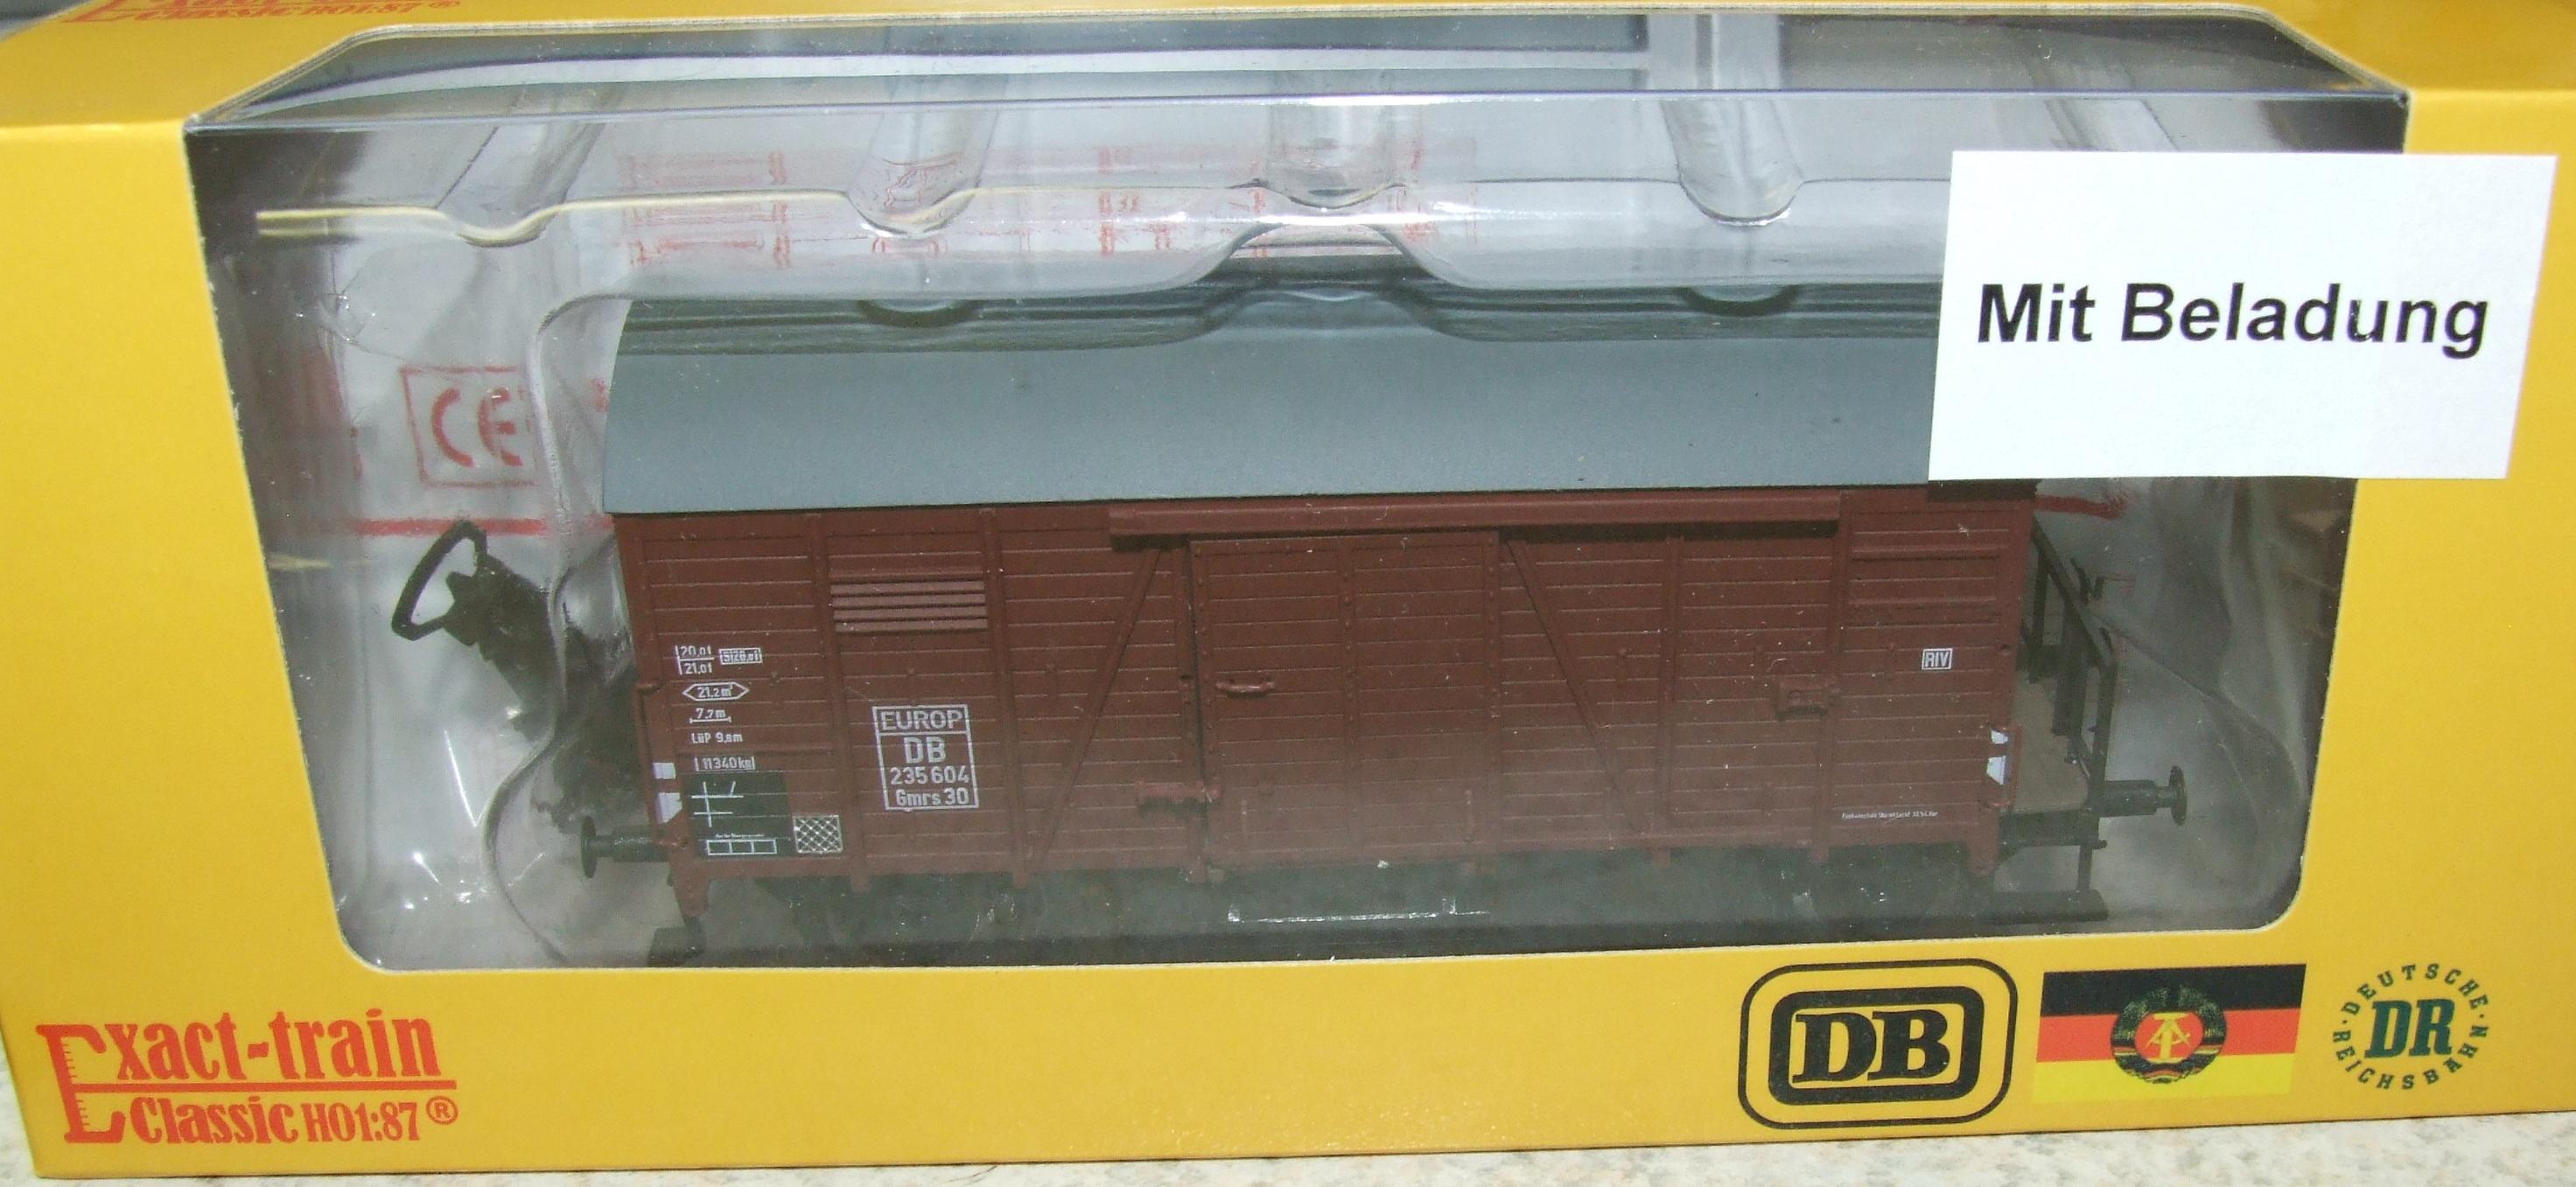 Exact-train EX20269 DB Oppeln EUROP mit Beladung (Bremserbühne/Gleitlager) Epoche 3